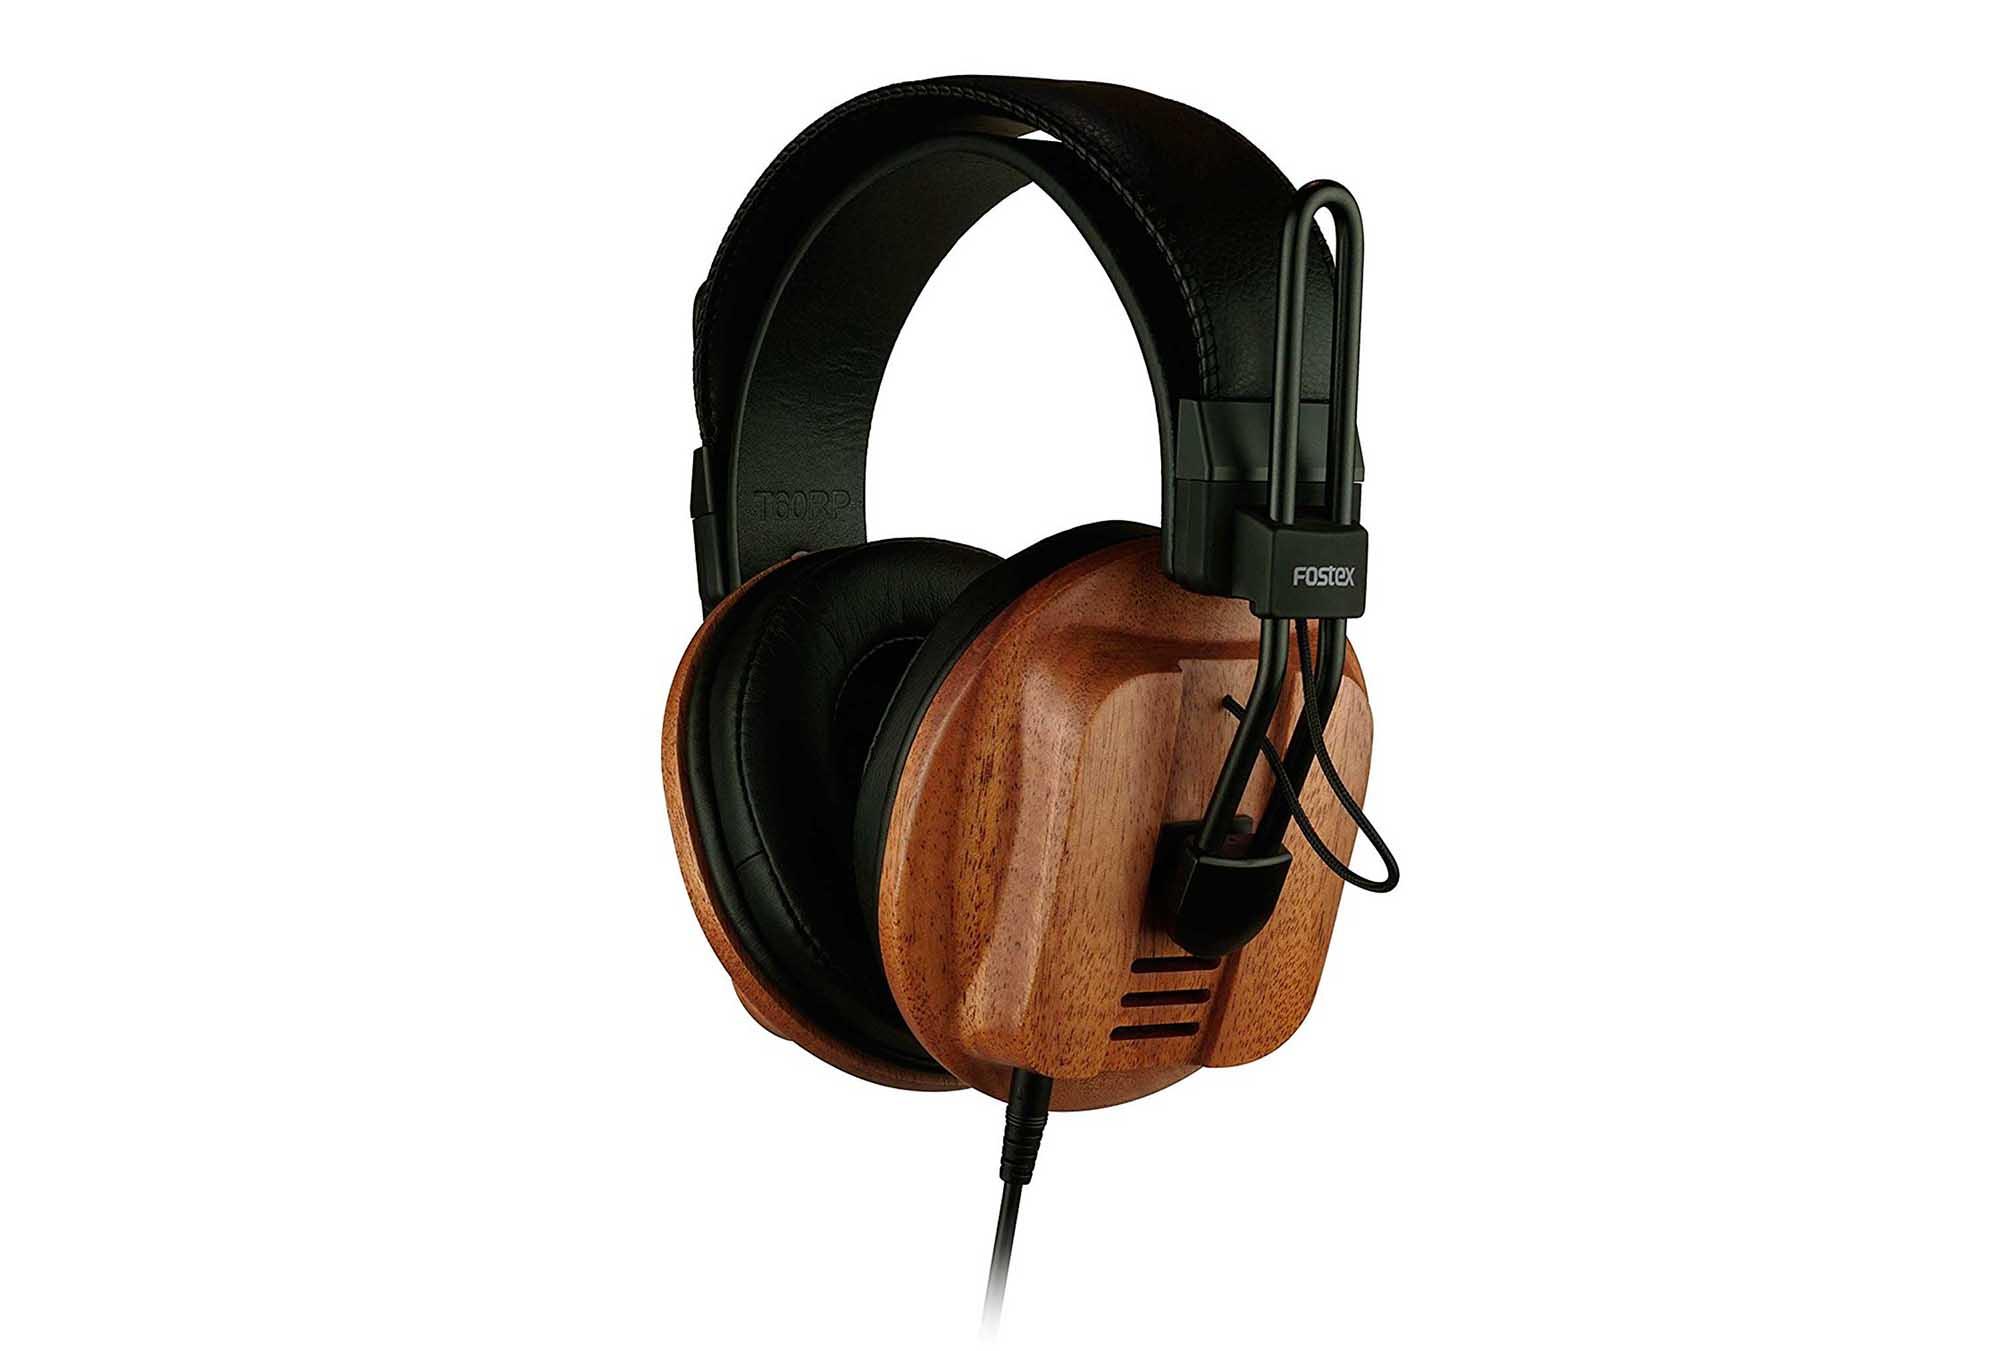 當監聽遇上木藝  Fostex T60RP 以原相技術打造的自然聲音